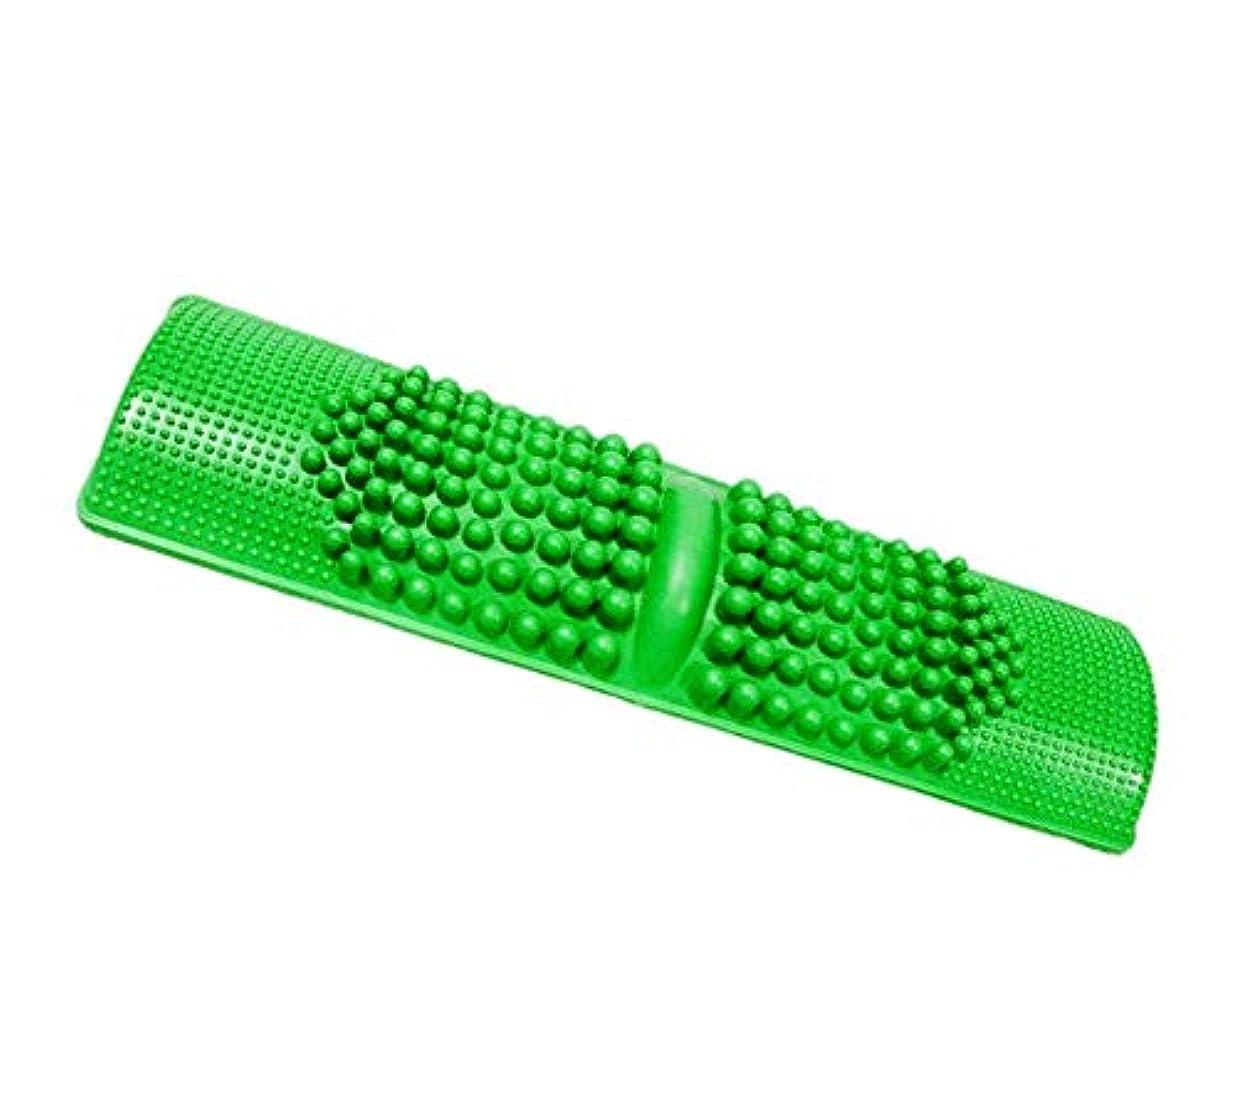 警報カジュアル悪のDamine 簡単に健康維持 足つぼマッサージ BIGサイズ 足 踏み 足裏 刺激 血行促進 (グリーン)